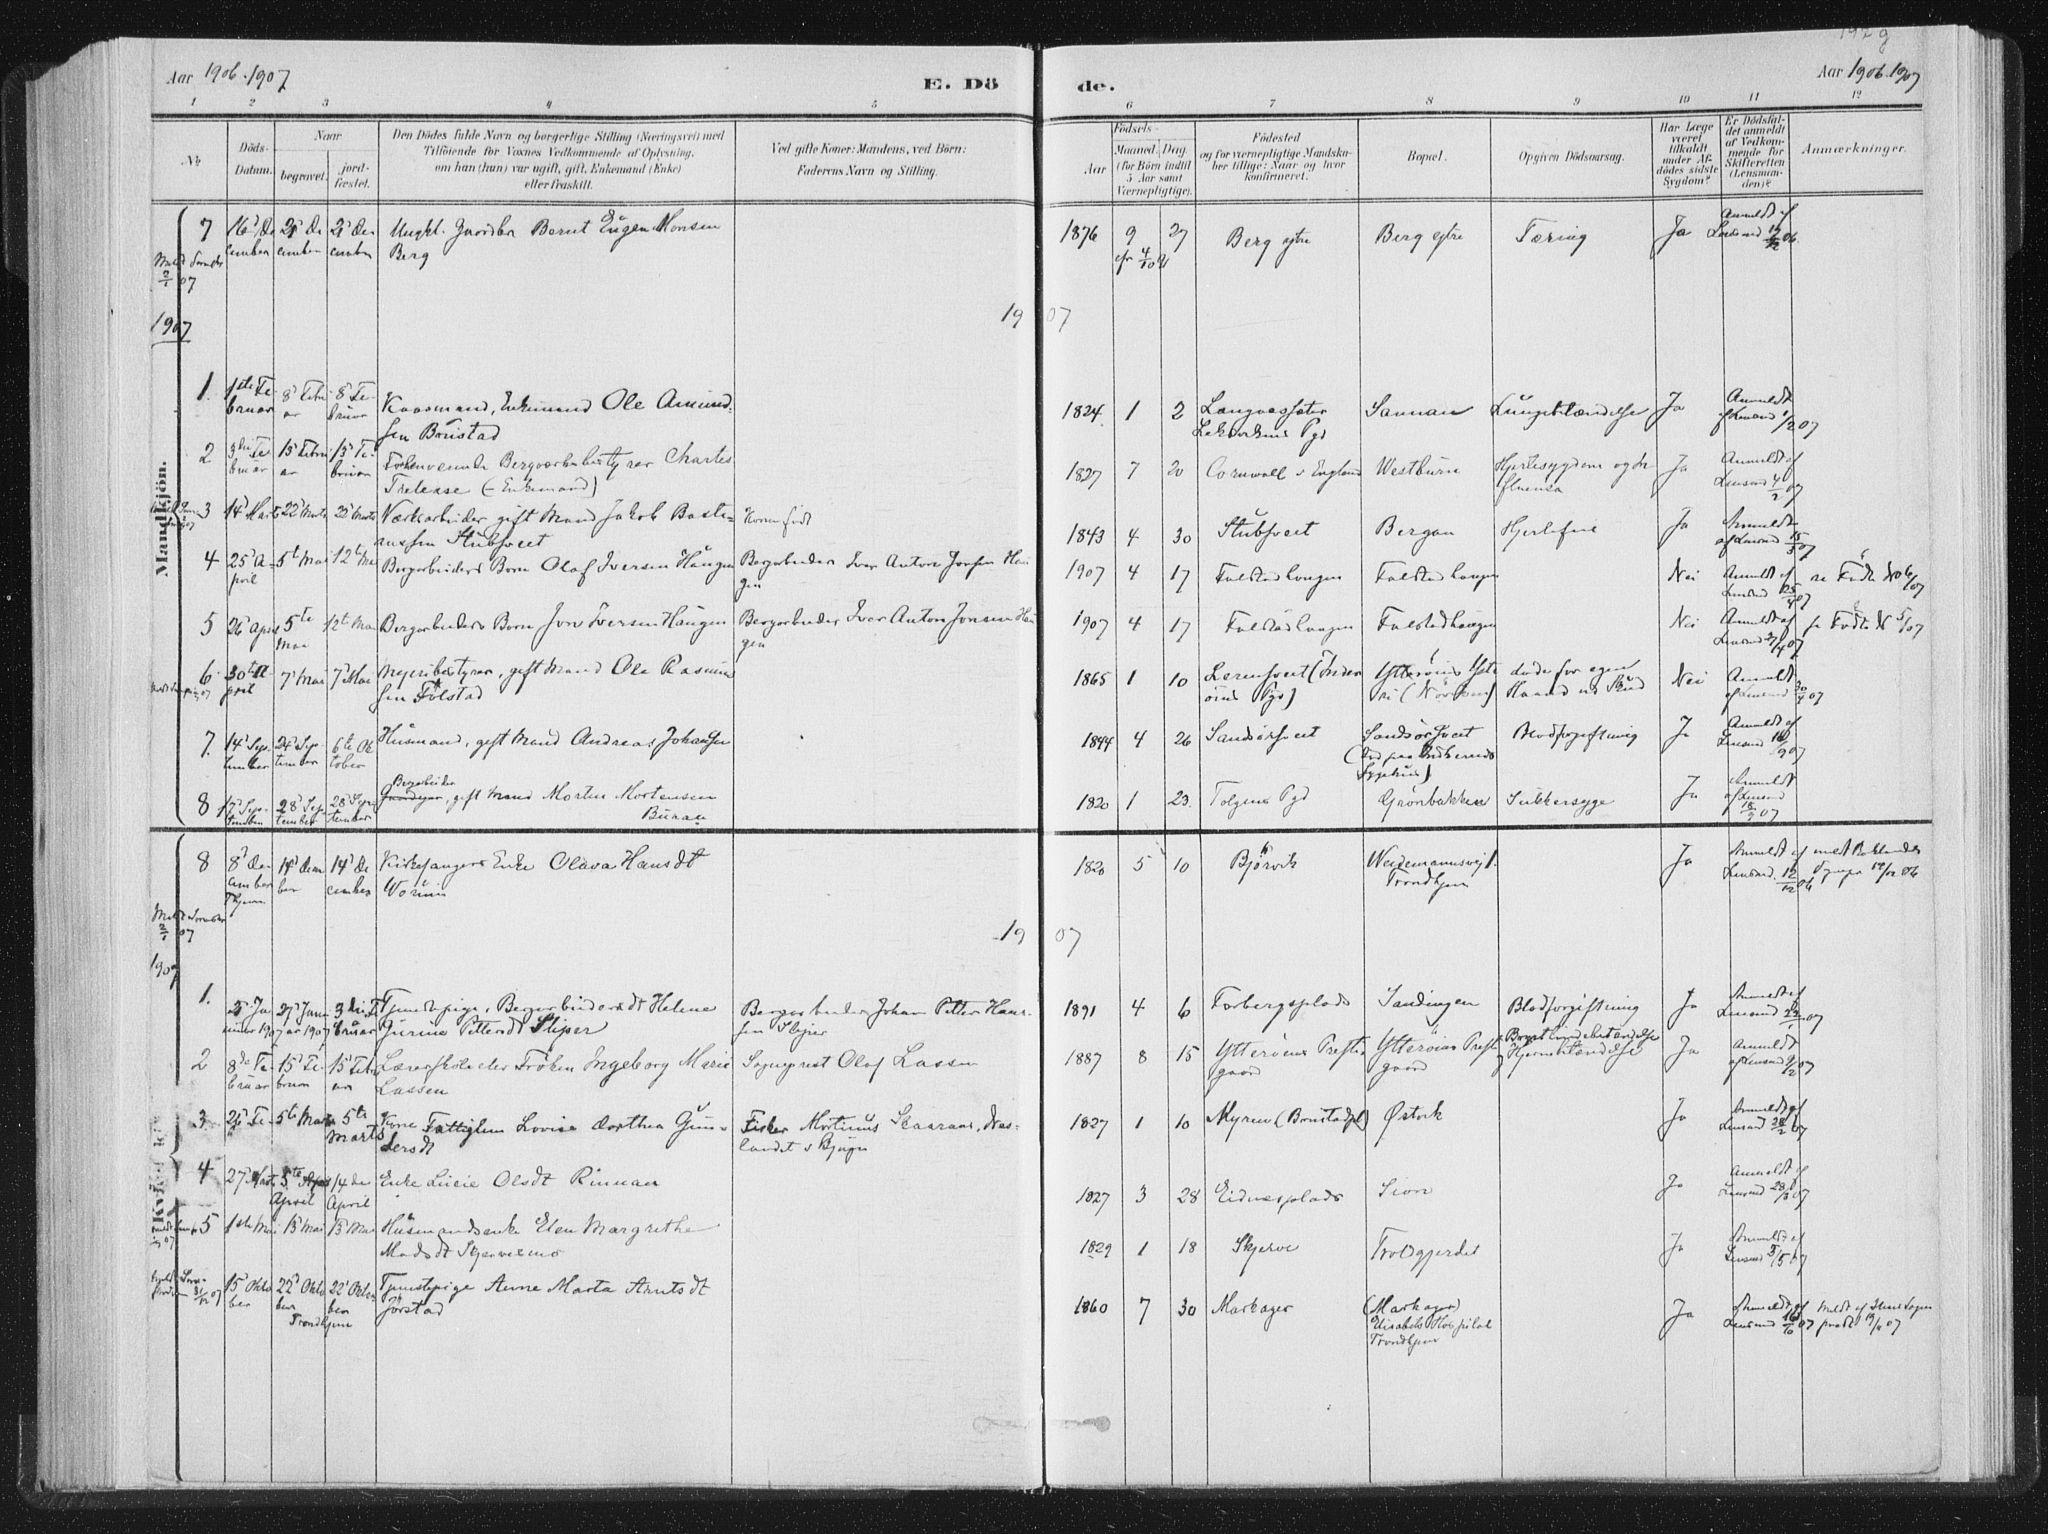 SAT, Ministerialprotokoller, klokkerbøker og fødselsregistre - Nord-Trøndelag, 722/L0220: Ministerialbok nr. 722A07, 1881-1908, s. 197g